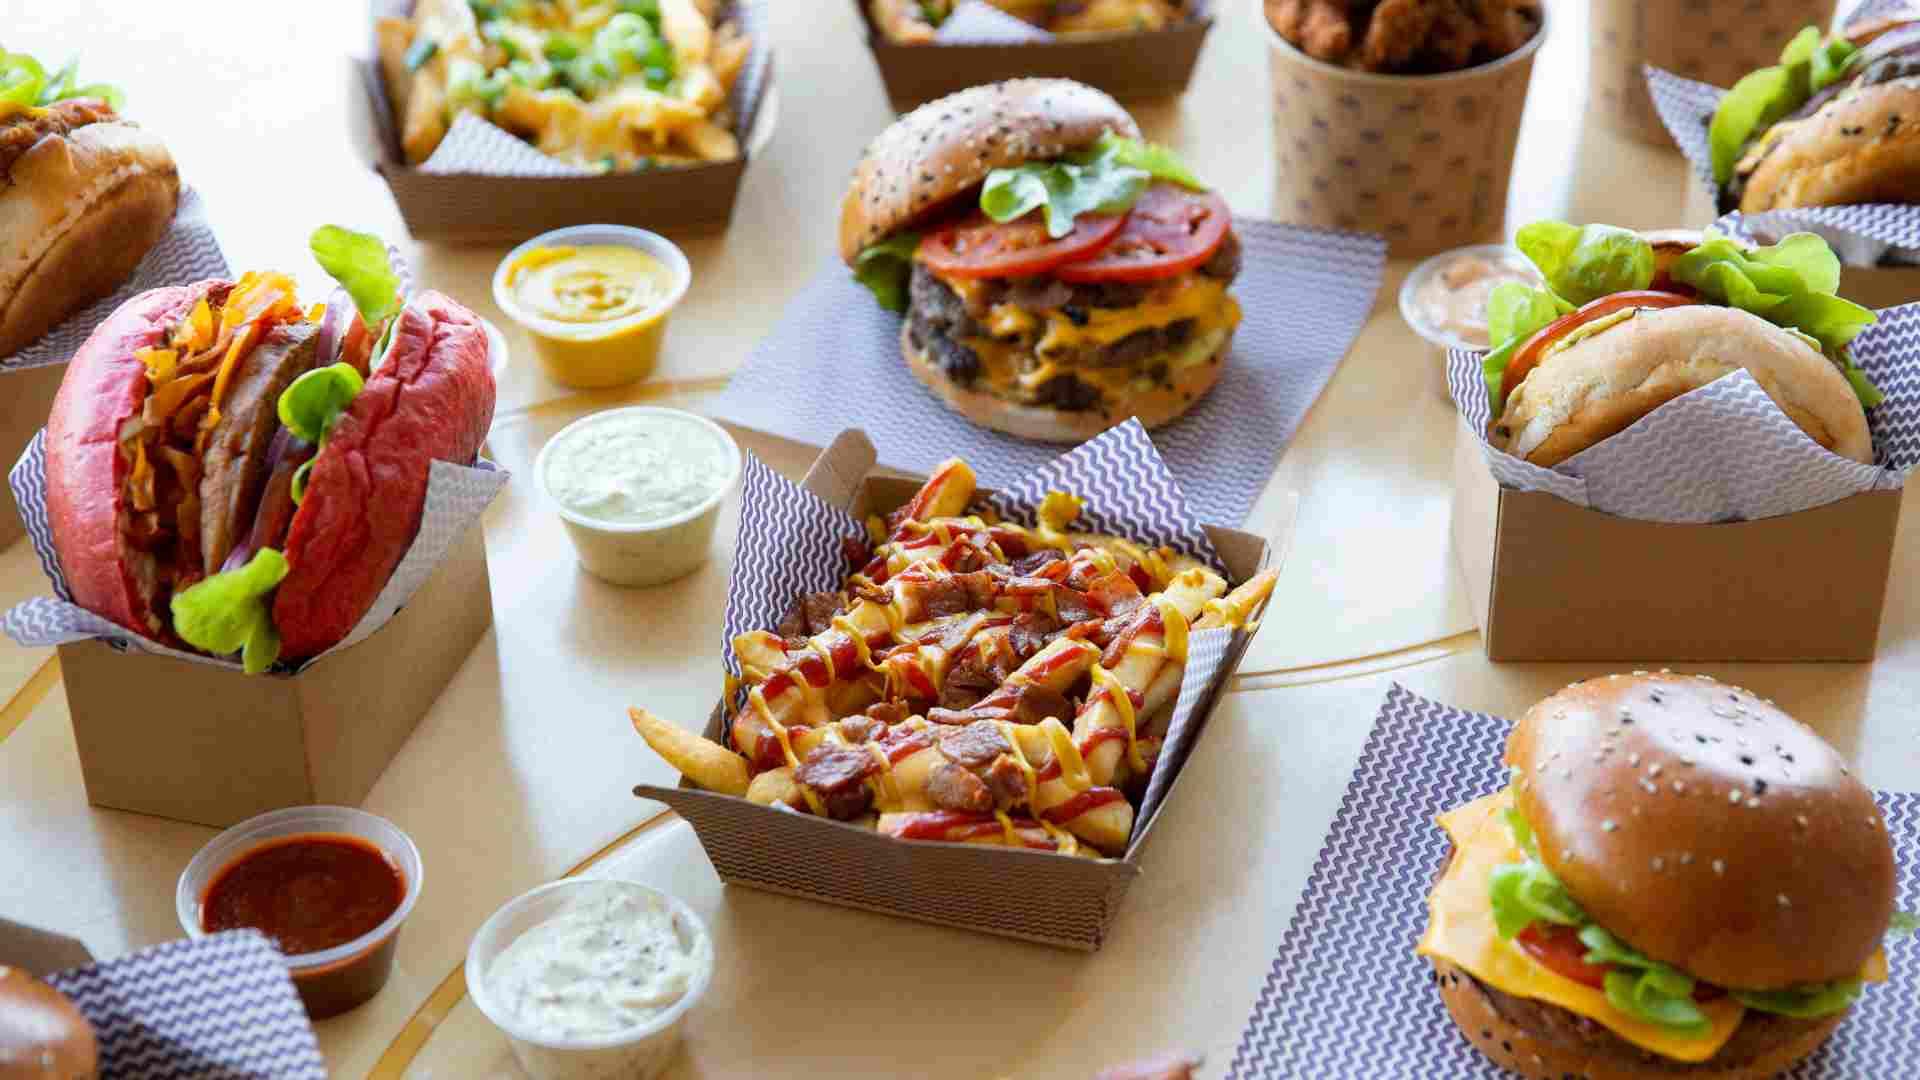 Food service en productos fast food